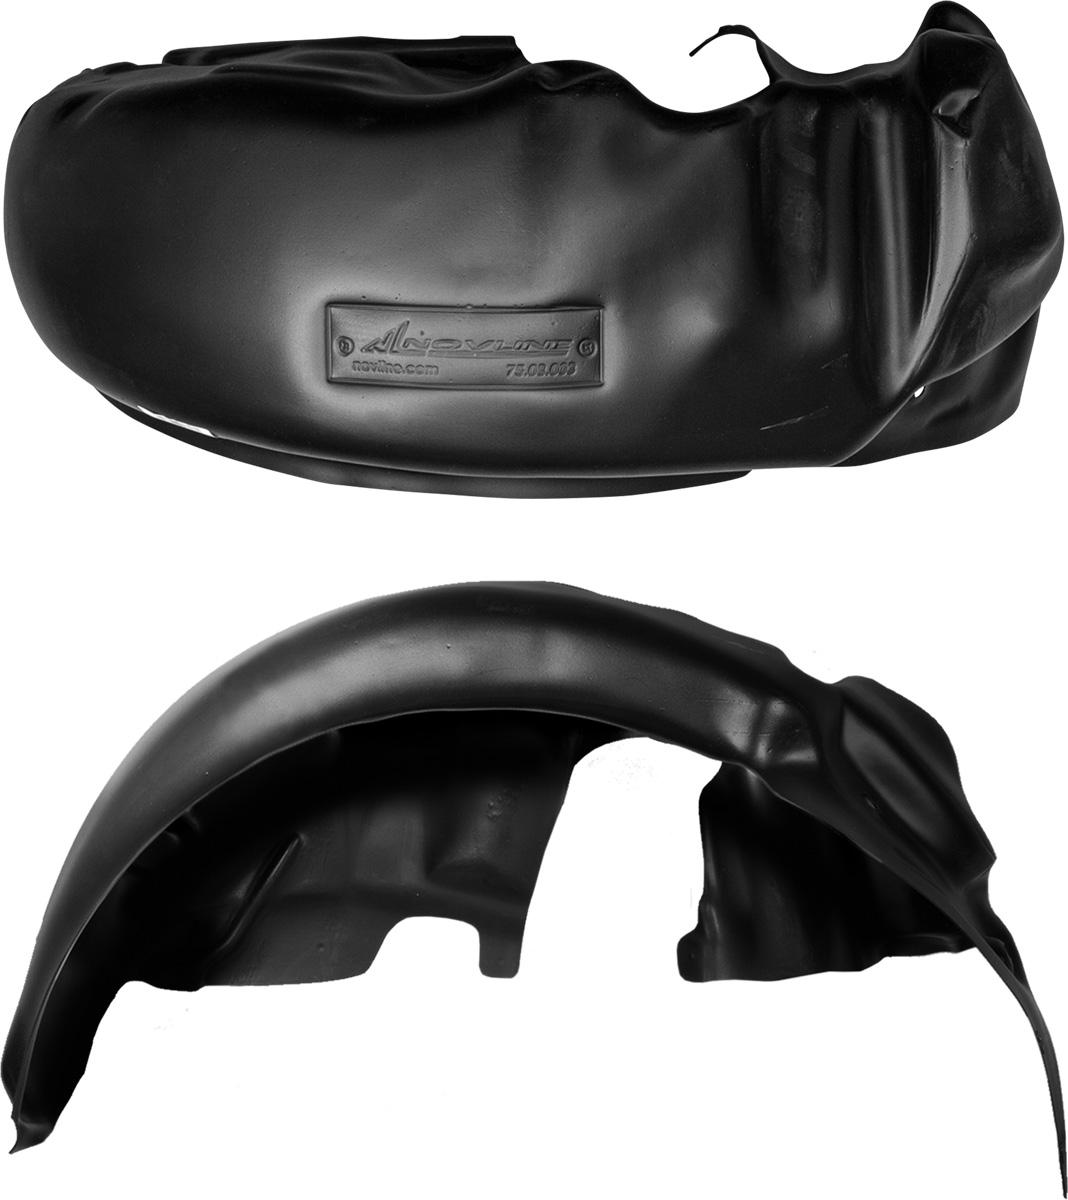 Подкрылок Novline-Autofamily, для RENAULT Logan, 2013, рестайлинг, задний левыйNLL.41.31.003Колесные ниши - одни из самых уязвимых зон днища вашего автомобиля. Они постоянно подвергаются воздействию со стороны дороги. Лучшая, почти абсолютная защита для них - специально отформованные пластиковые кожухи, которые называются подкрылками. Производятся они как для отечественных моделей автомобилей, так и для иномарок. Подкрылки Novline-Autofamily выполнены из высококачественного, экологически чистого пластика. Обеспечивают надежную защиту кузова автомобиля от пескоструйного эффекта и негативного влияния, агрессивных антигололедных реагентов. Пластик обладает более низкой теплопроводностью, чем металл, поэтому в зимний период эксплуатации использование пластиковых подкрылков позволяет лучше защитить колесные ниши от налипания снега и образования наледи. Оригинальность конструкции подчеркивает элегантность автомобиля, бережно защищает нанесенное на днище кузова антикоррозийное покрытие и позволяет осуществить крепление подкрылков внутри колесной арки практически без дополнительного крепежа и сверления, не нарушая при этом лакокрасочного покрытия, что предотвращает возникновение новых очагов коррозии. Подкрылки долговечны, обладают высокой прочностью и сохраняют заданную форму, а также все свои физико-механические характеристики в самых тяжелых климатических условиях (от -50°С до +50°С).Уважаемые клиенты!Обращаем ваше внимание, на тот факт, что подкрылок имеет форму, соответствующую модели данного автомобиля. Фото служит для визуального восприятия товара.